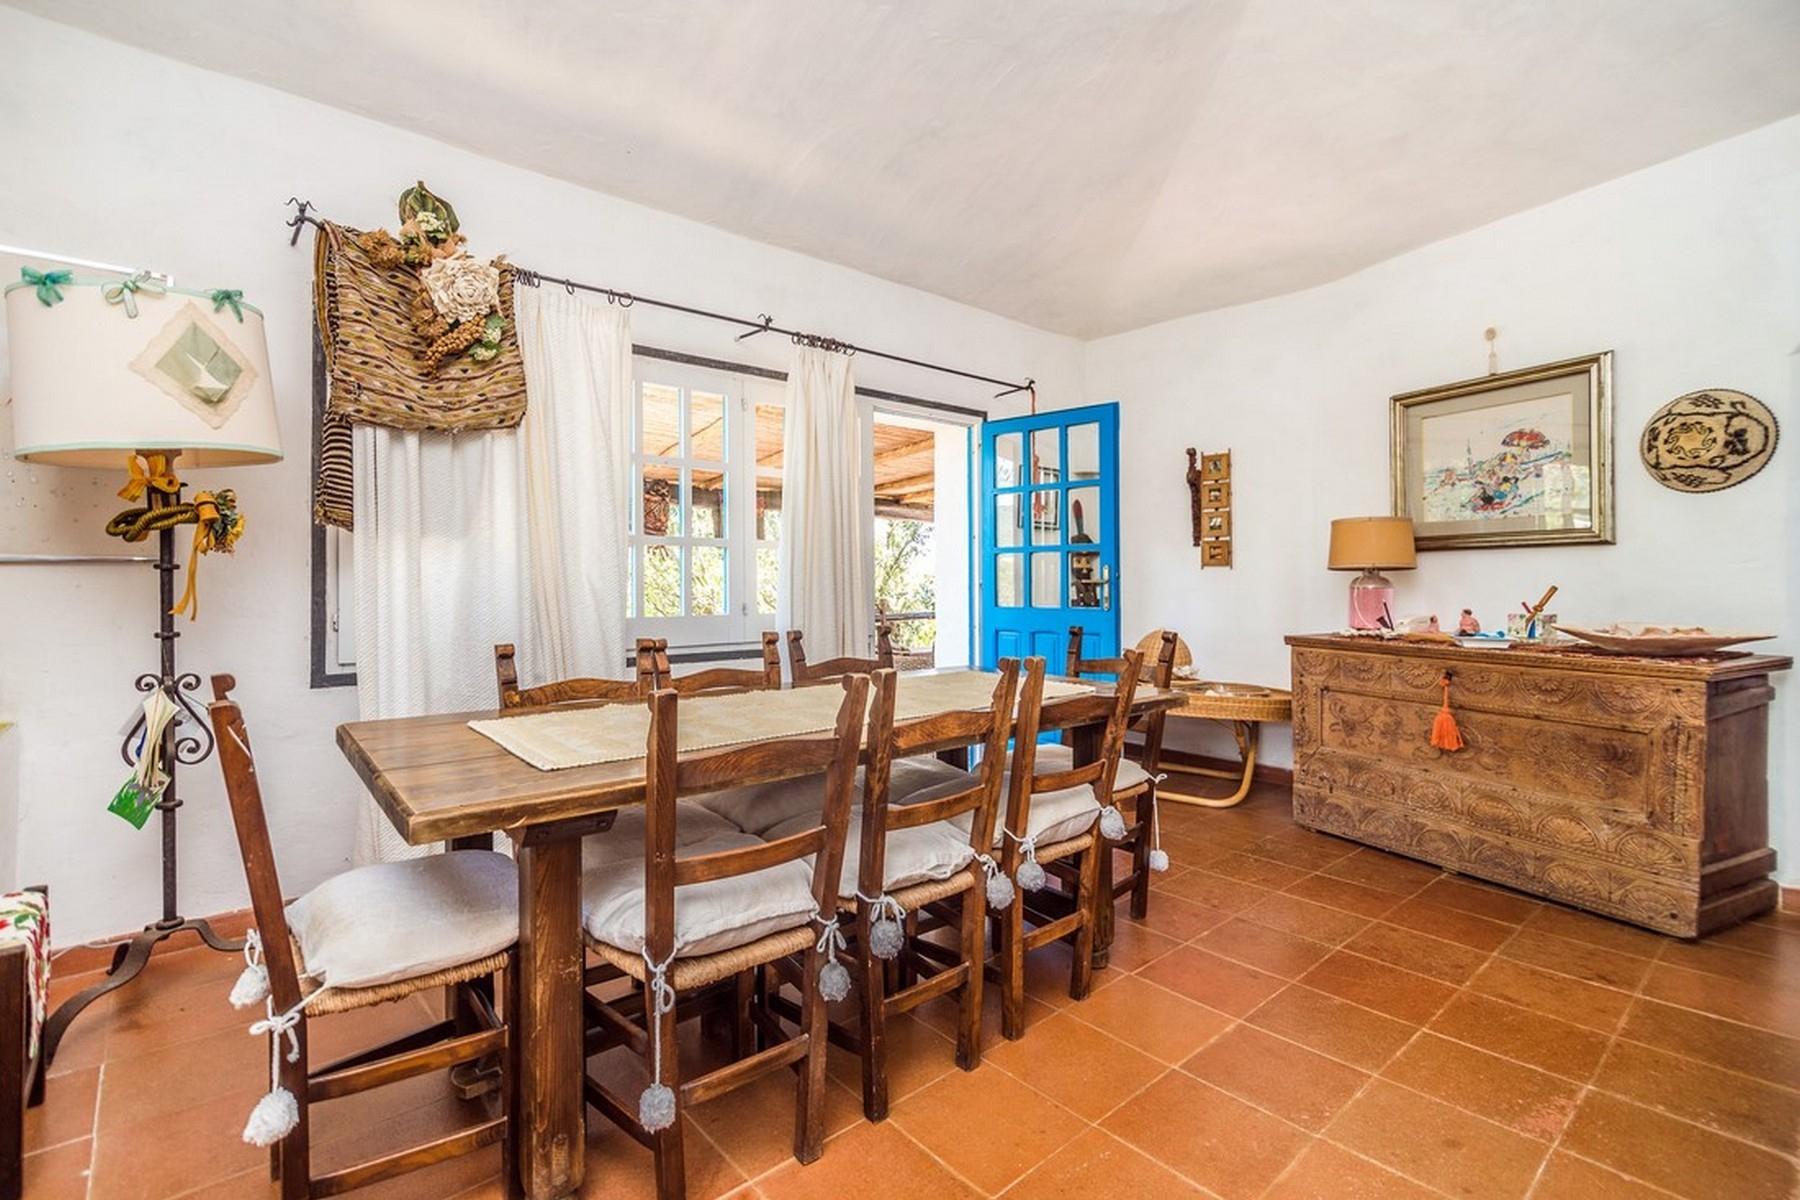 Villa in Vendita a Arzachena: 5 locali, 204 mq - Foto 8